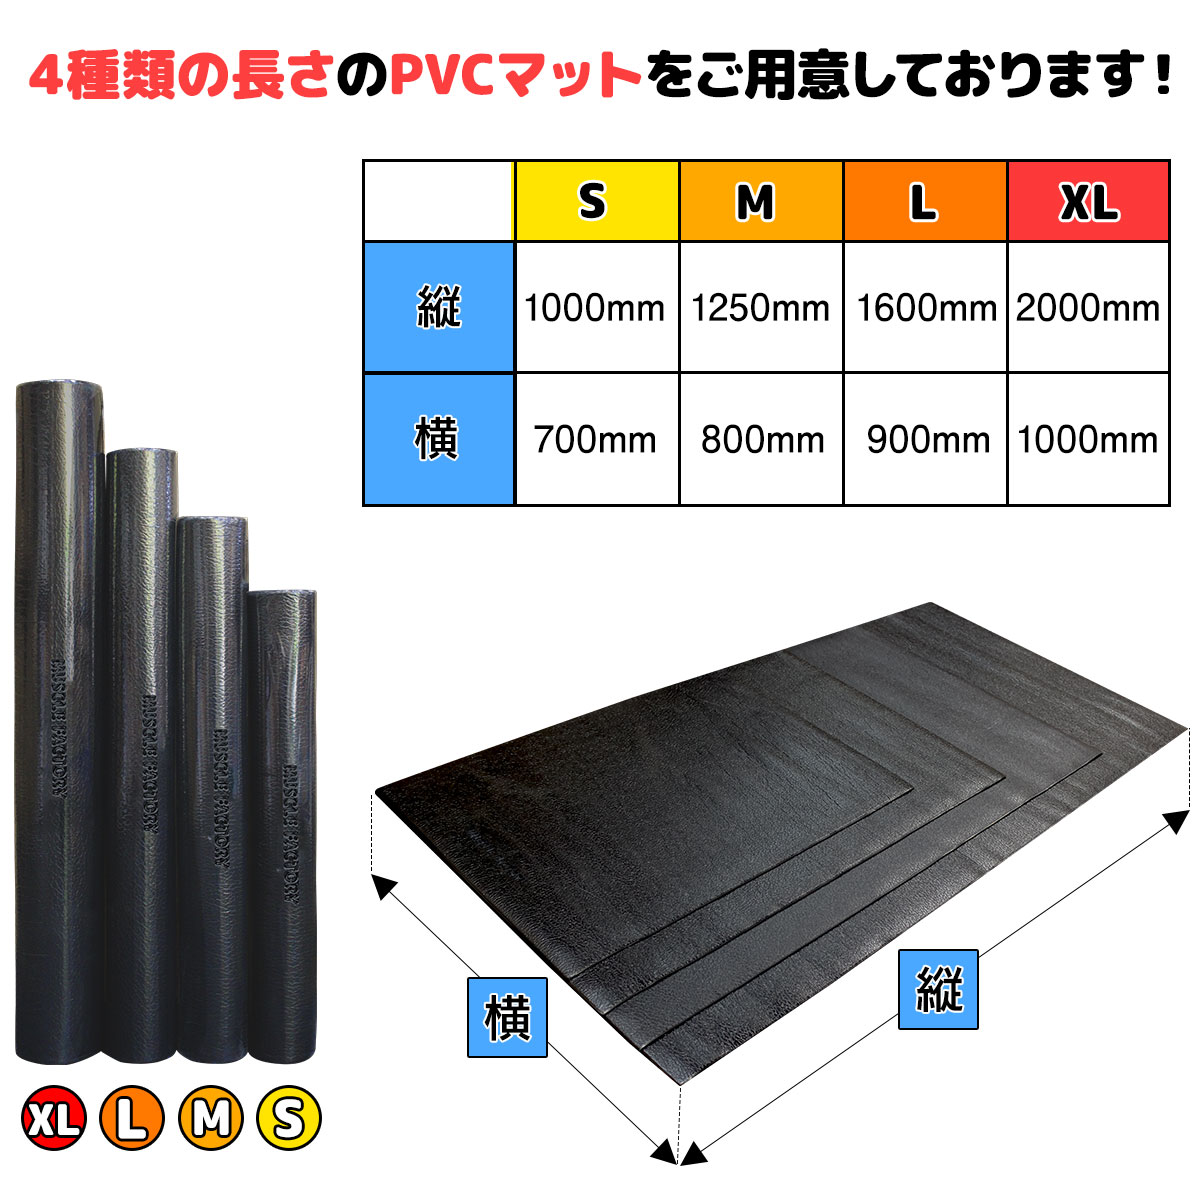 MUSCLE FACTORY フロアマット ベンチマット 筋トレ マット ヨガマット 防傷 防音 PVC 1600*900*6mm